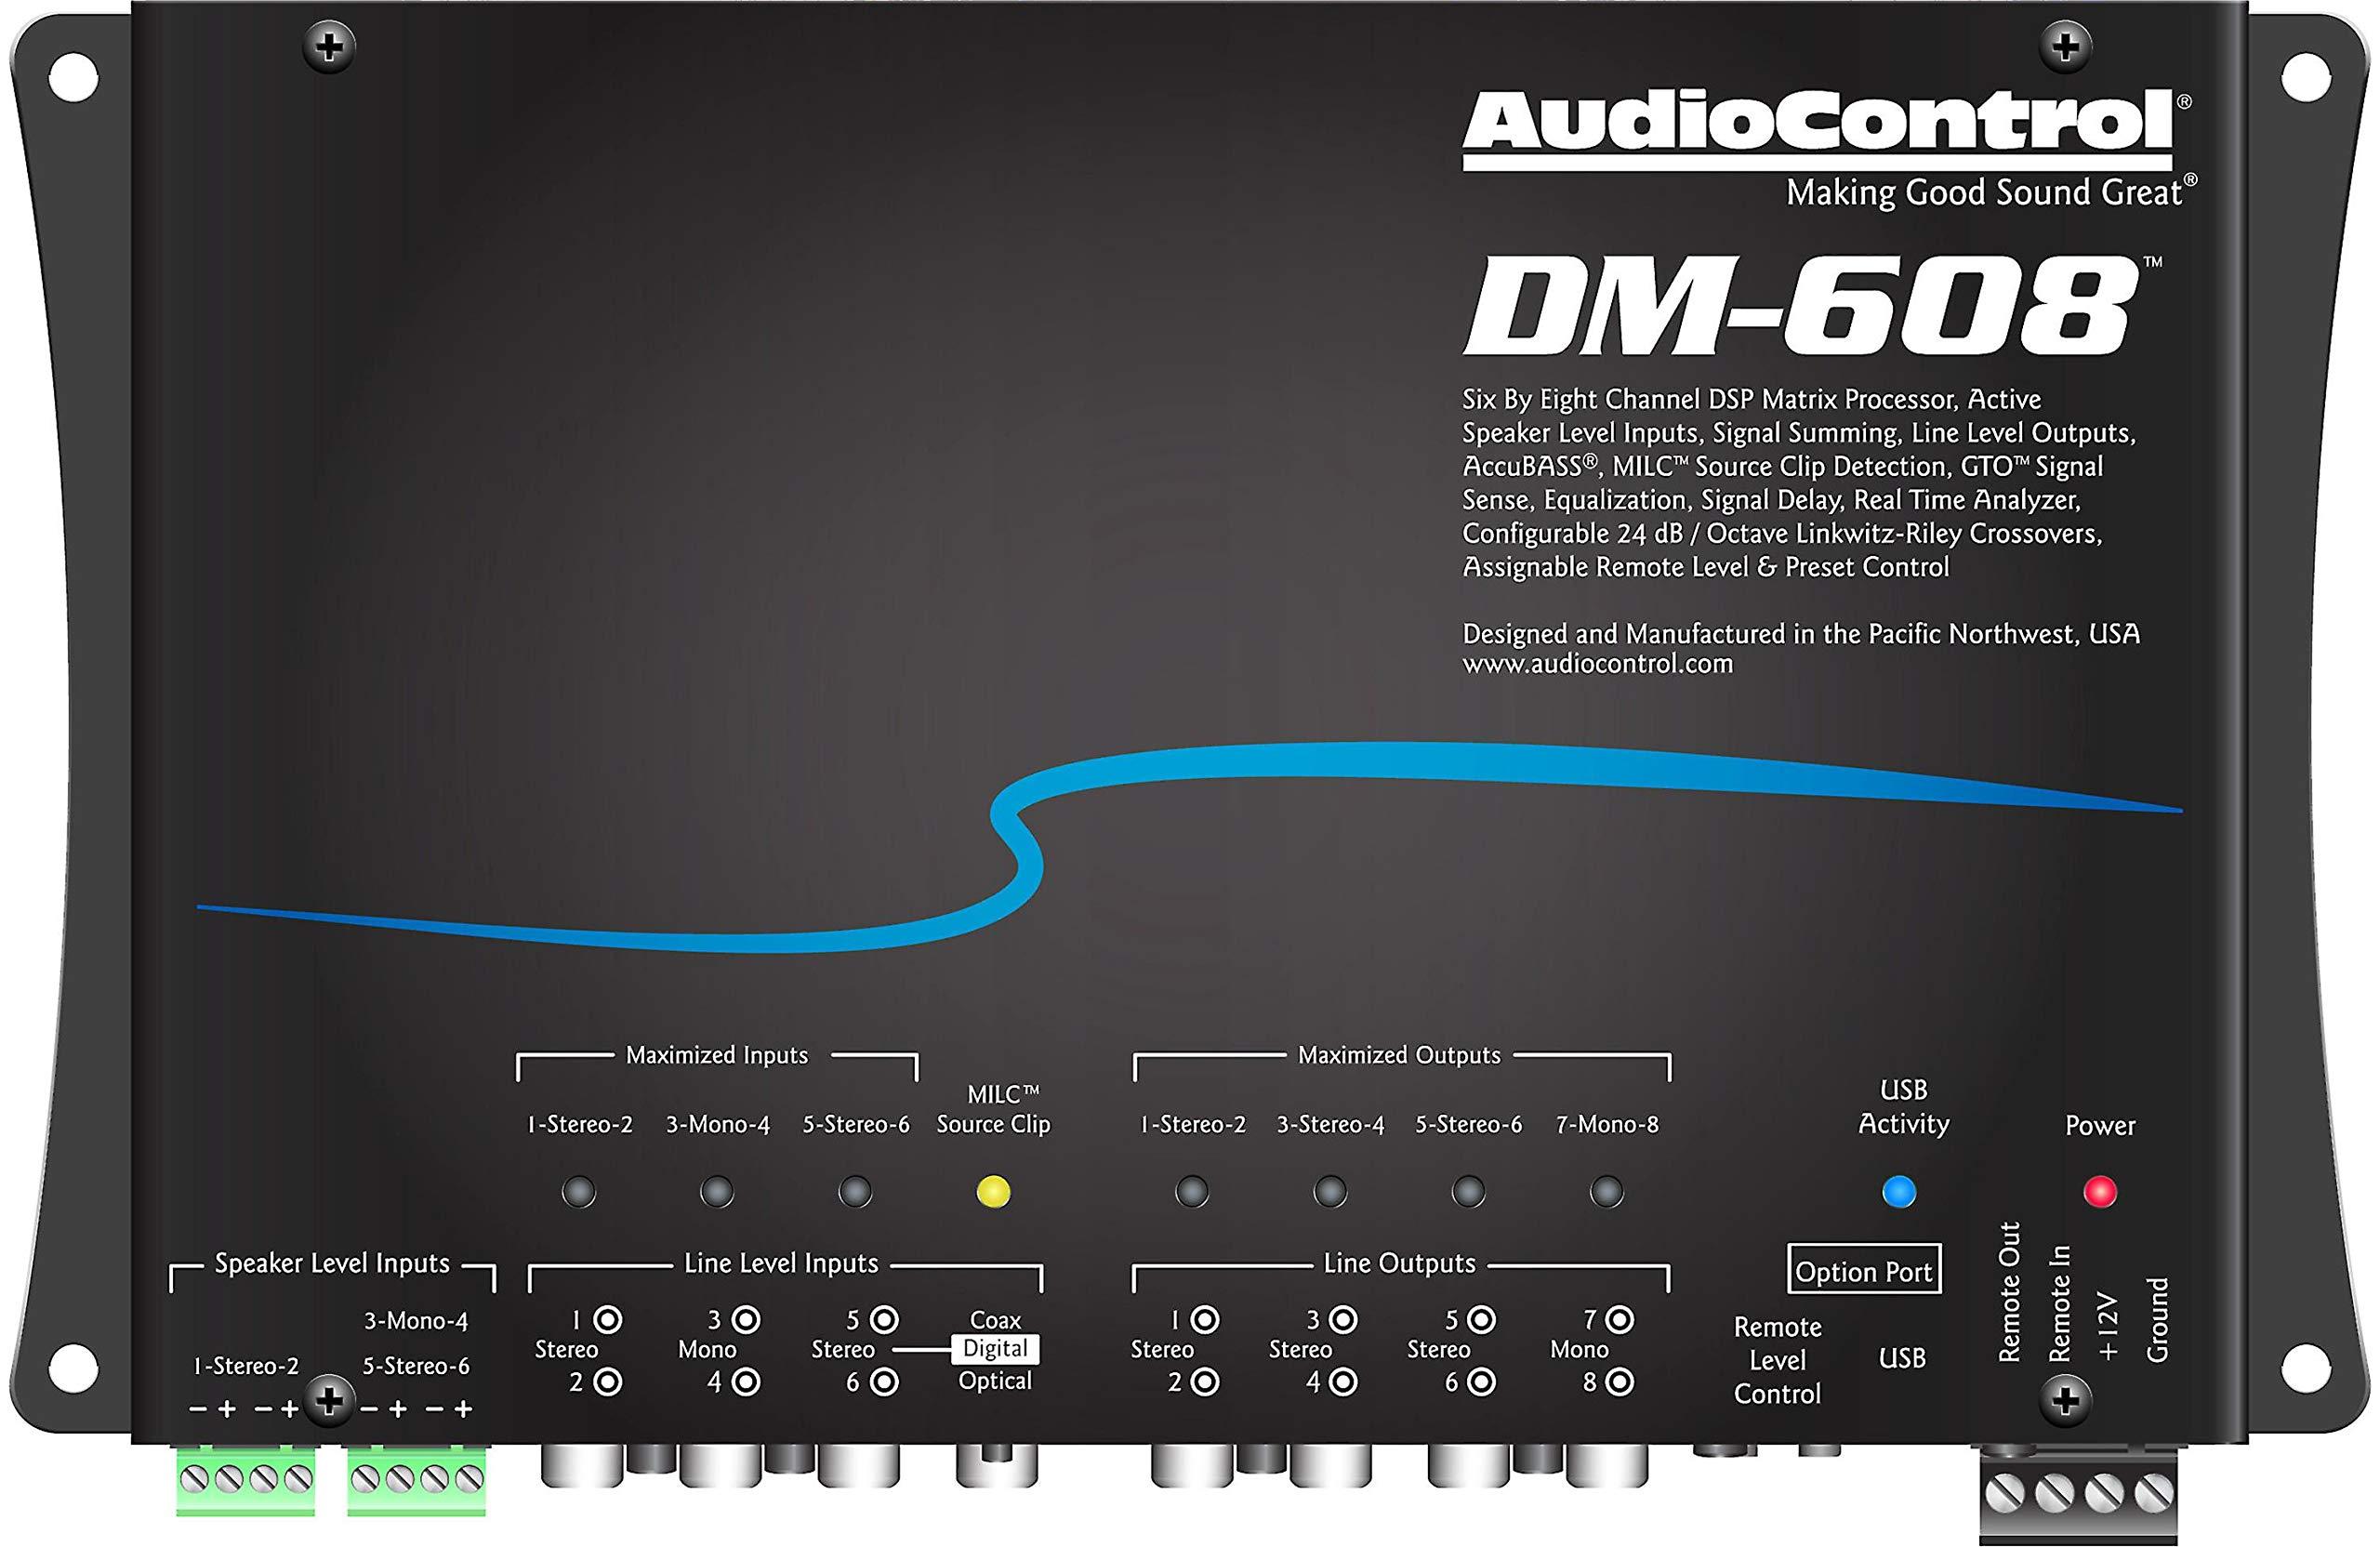 AudioControl DM-608 6 by 8 Channel Matrix Digital Signal Processor by AudioControl